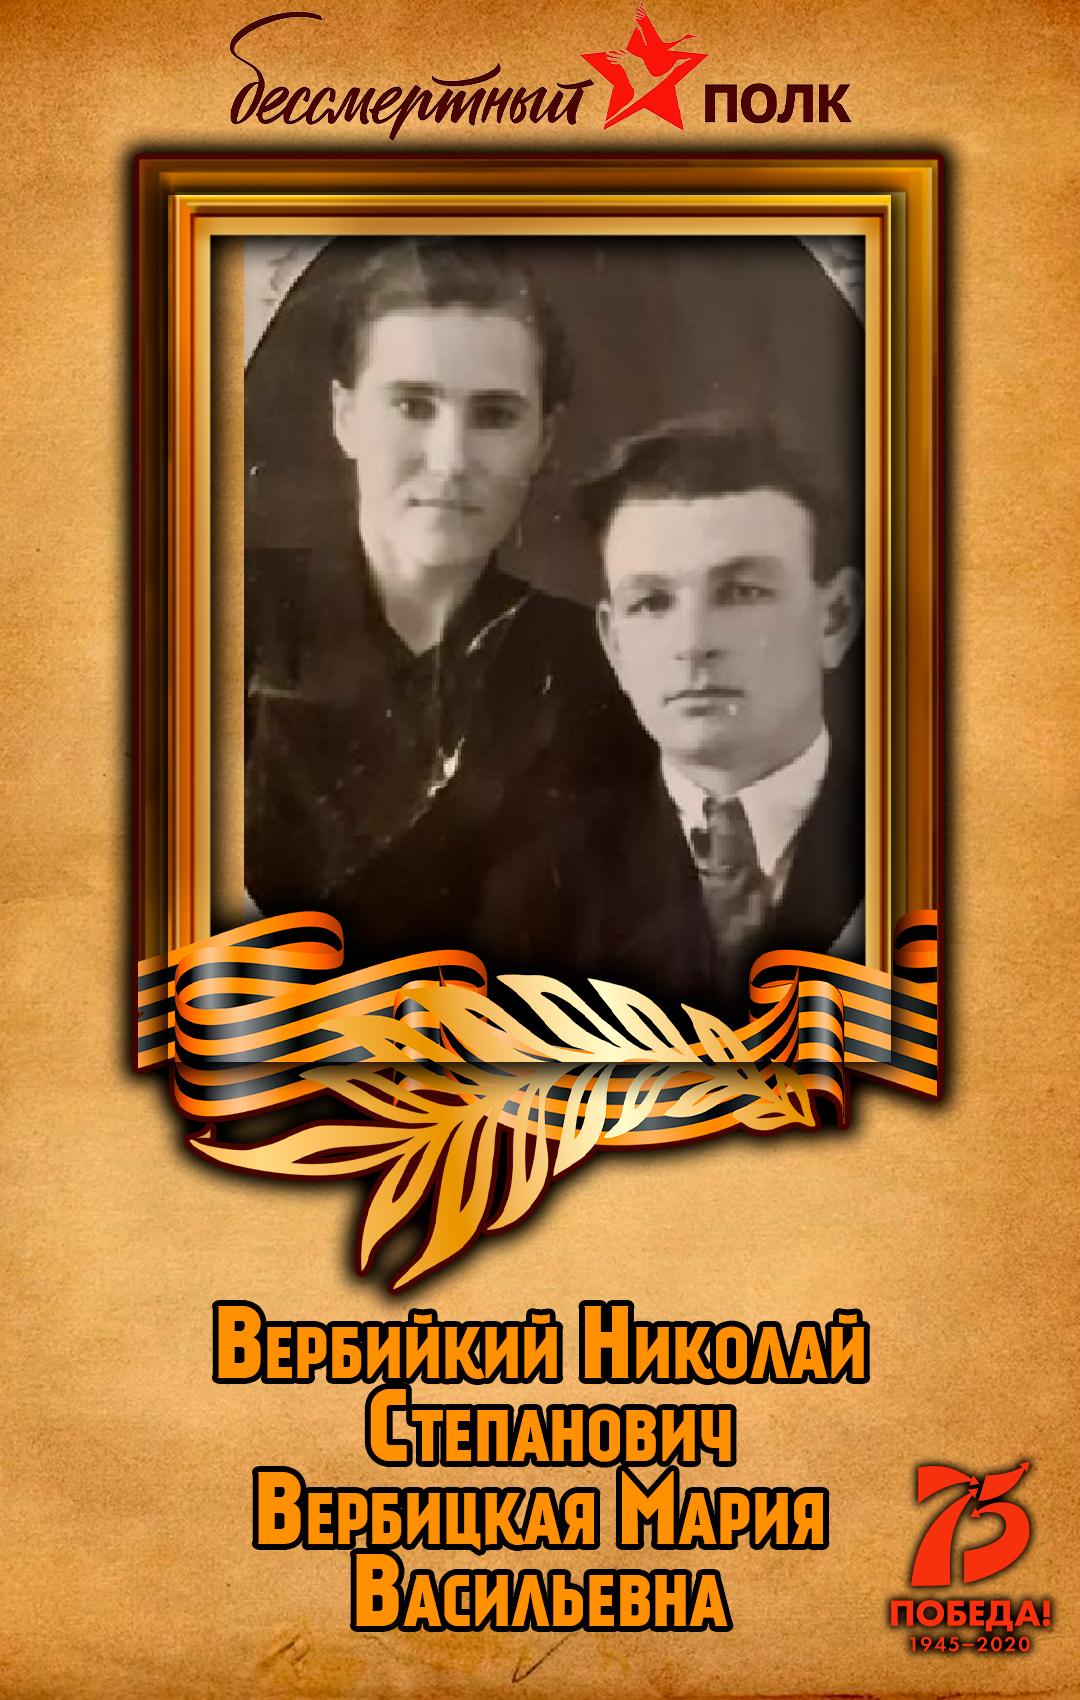 Вербийкий-Николай